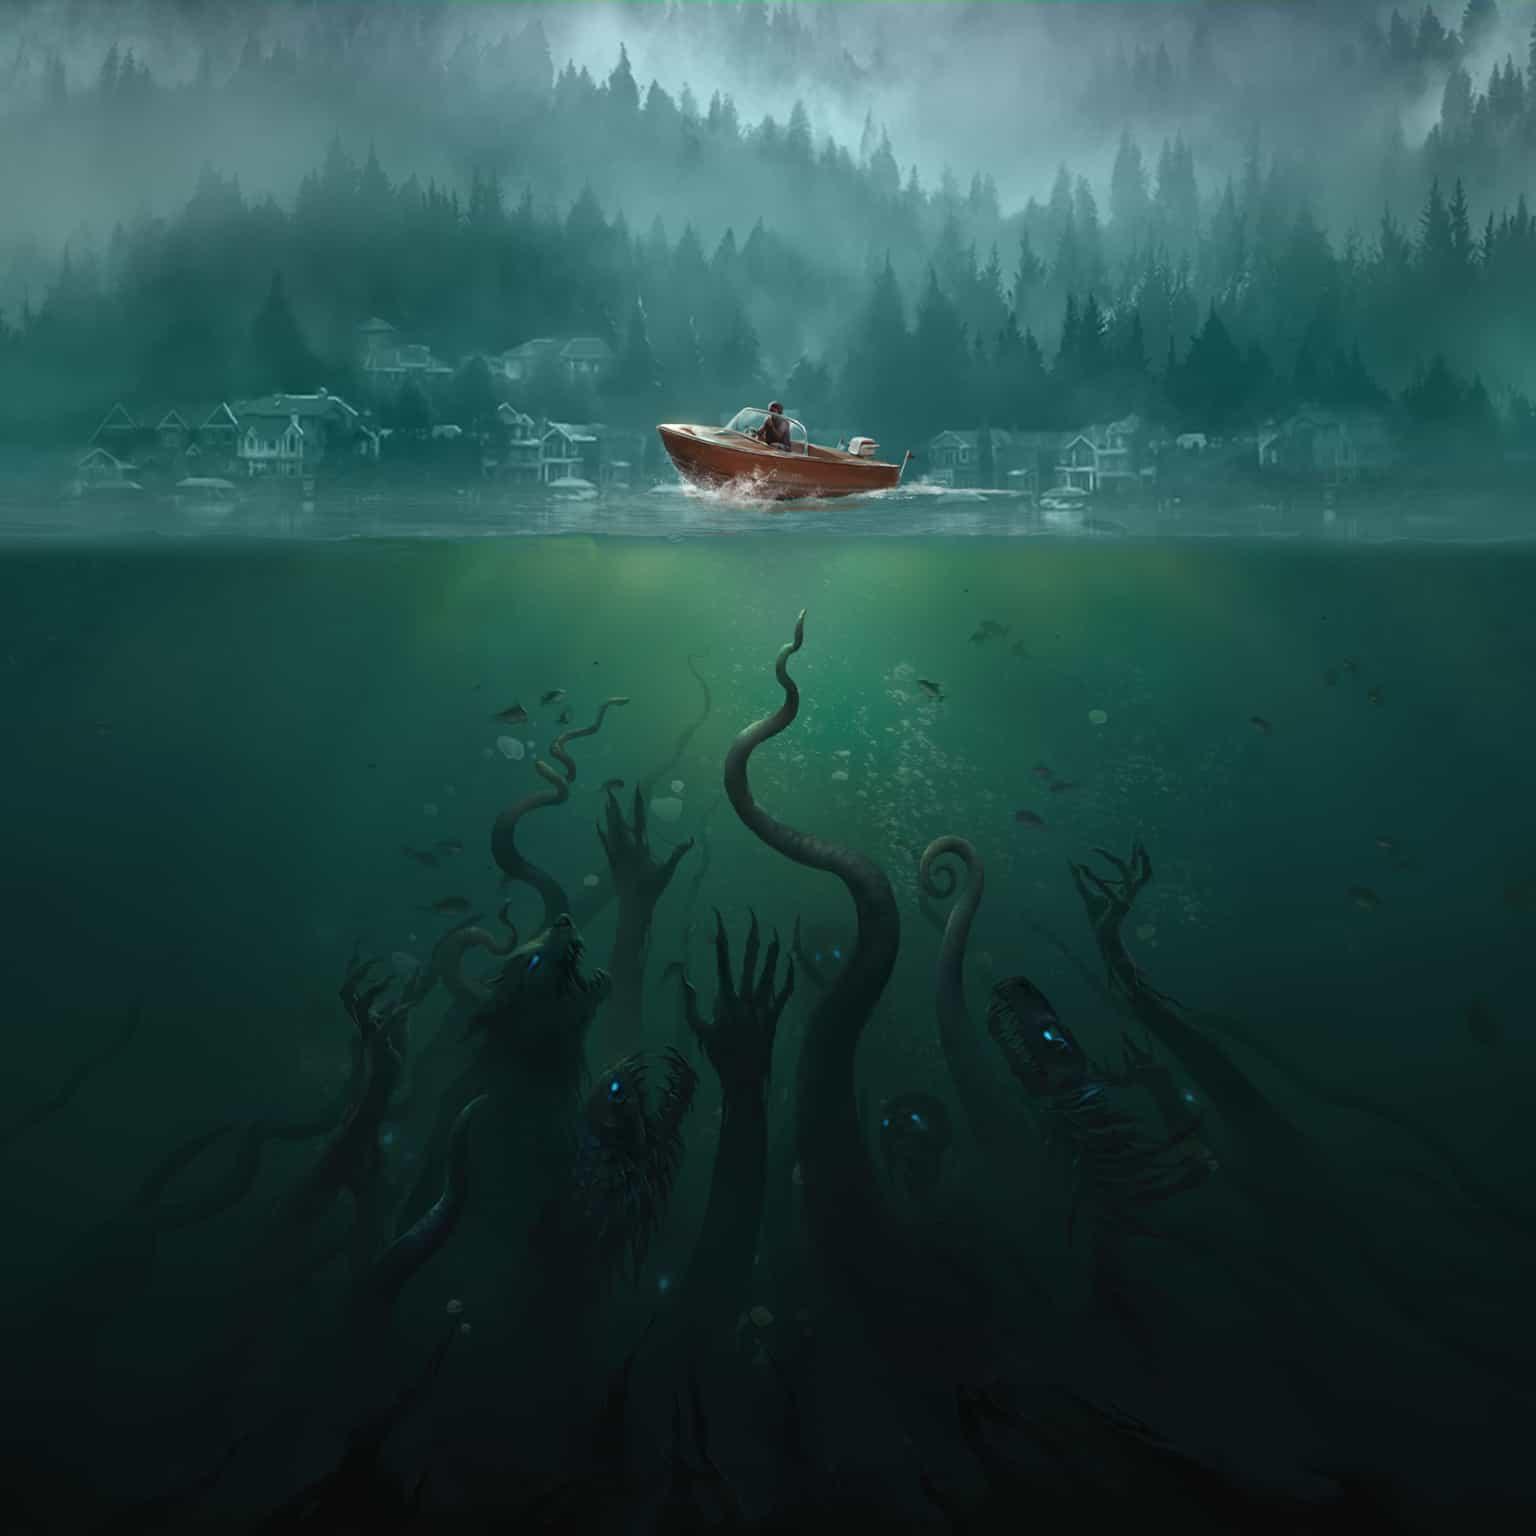 a boat atop a dark lake